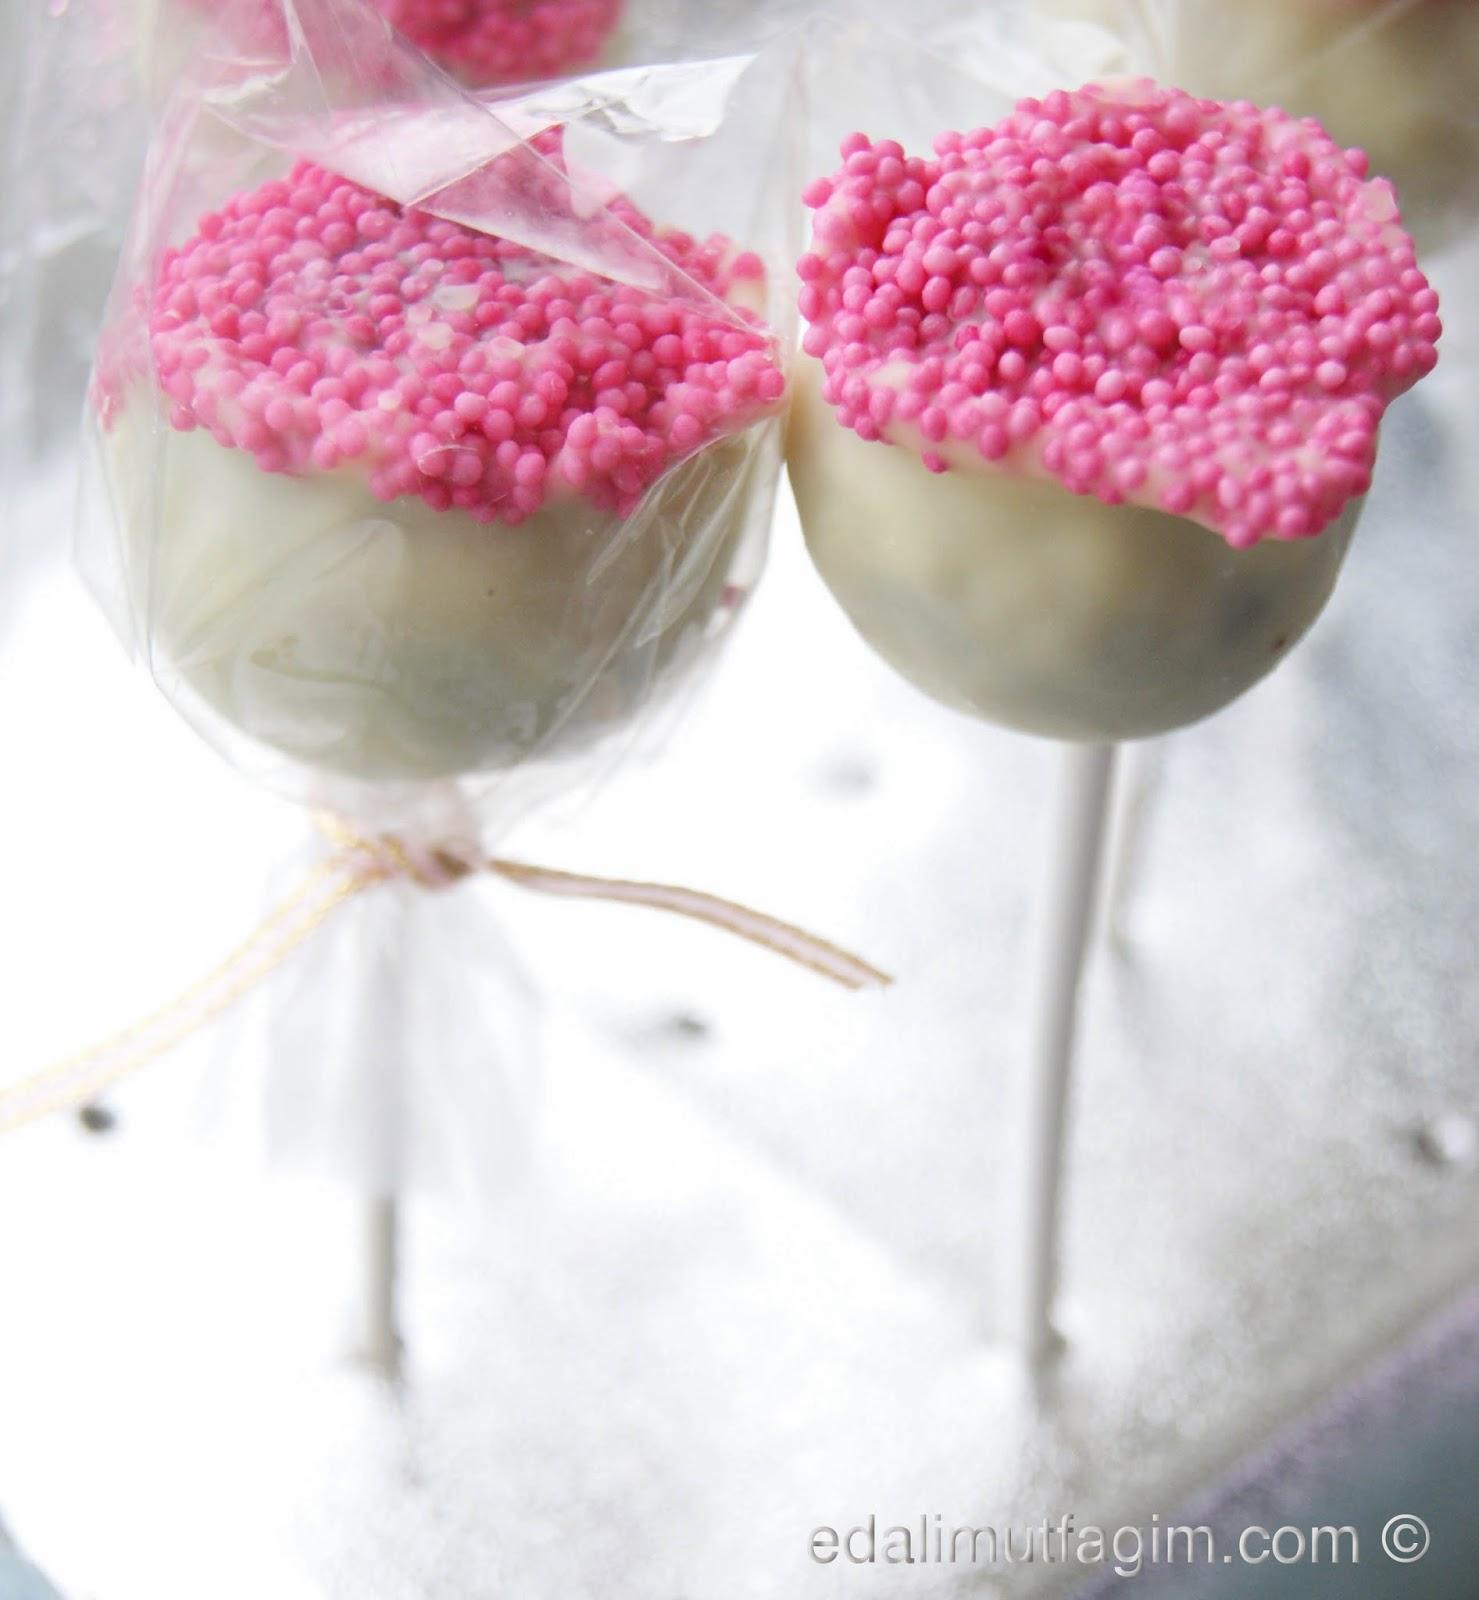 Lolipop Şeker Nasıl Yapılır Resimli Tarif